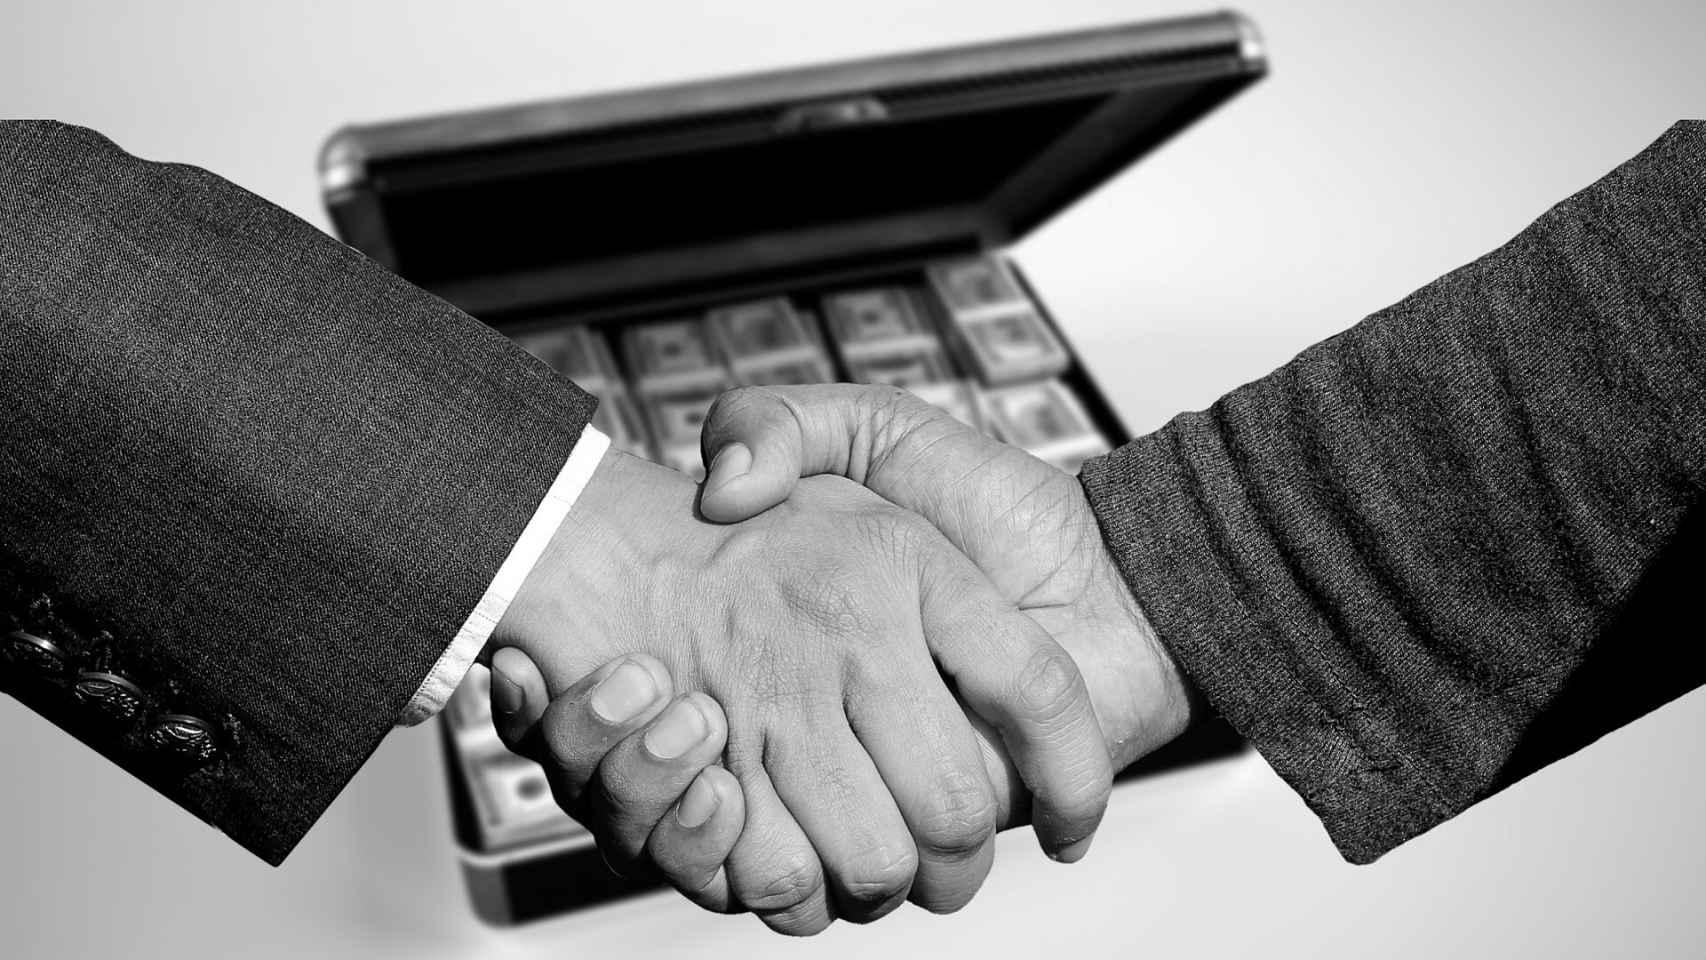 La regularización fiscal y el cumplimiento voluntario